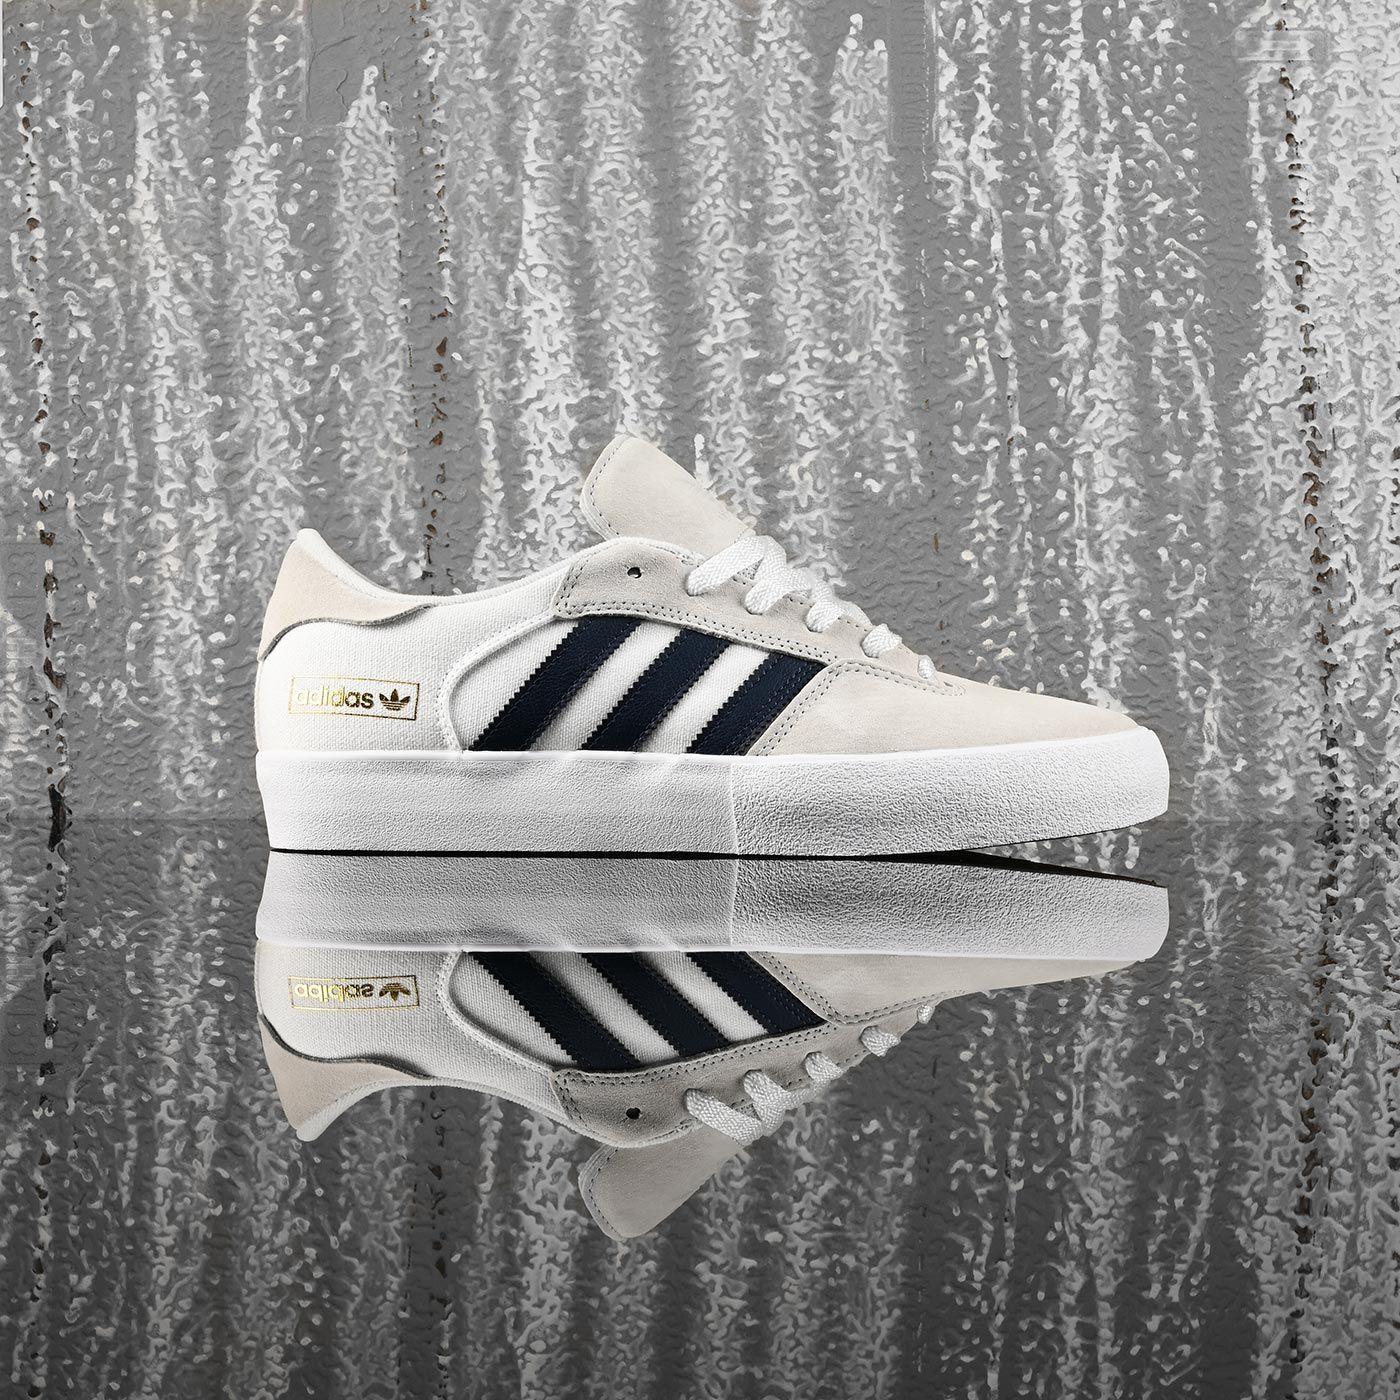 En expansión vacío arbusto  Adidas Matchbreak Super Shoes - Crystal White / Collegiate Navy / White di  2020